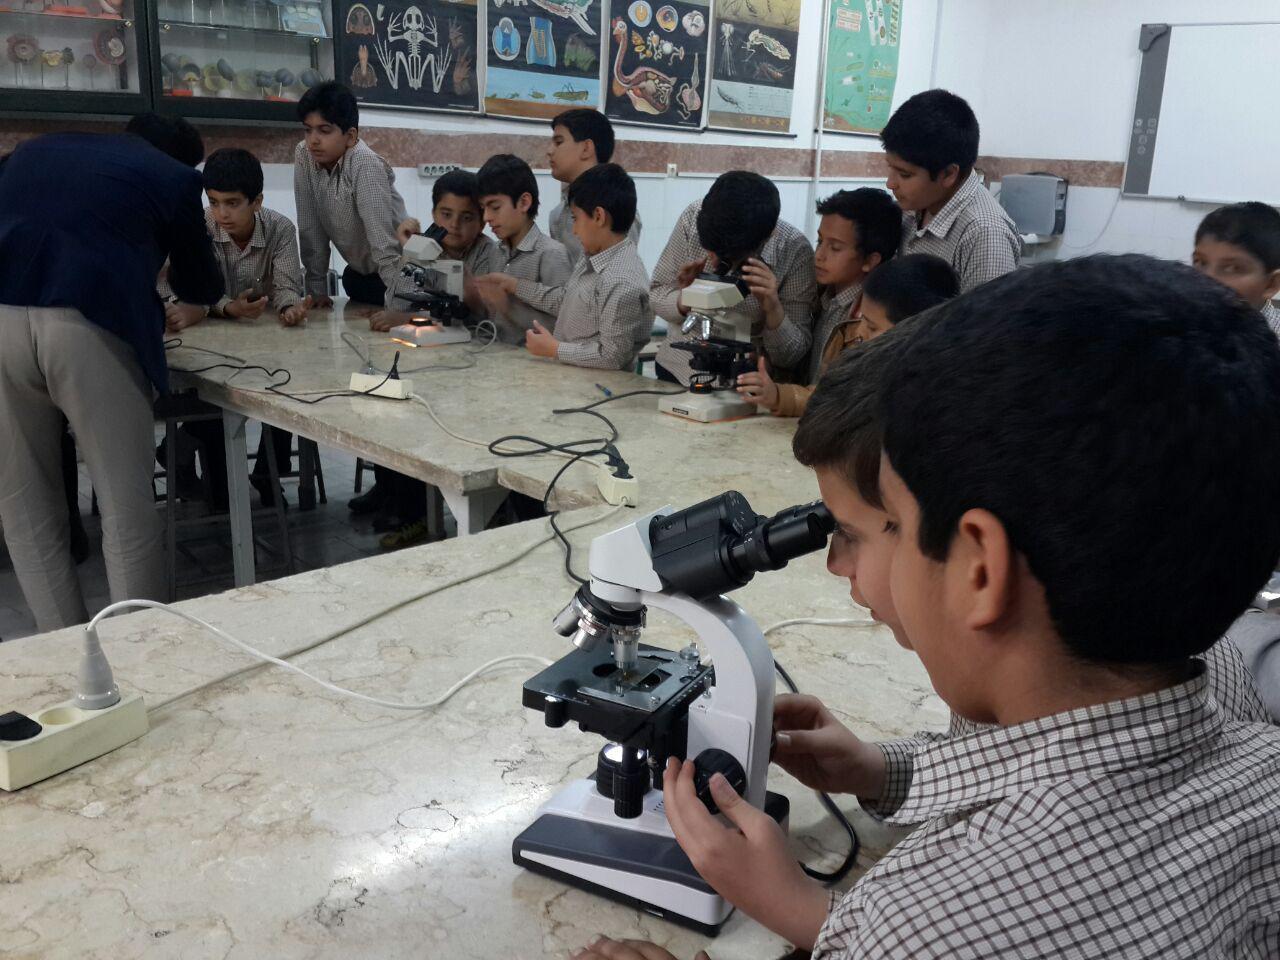 دانش آموزان در آزمایشگاه مرکزی